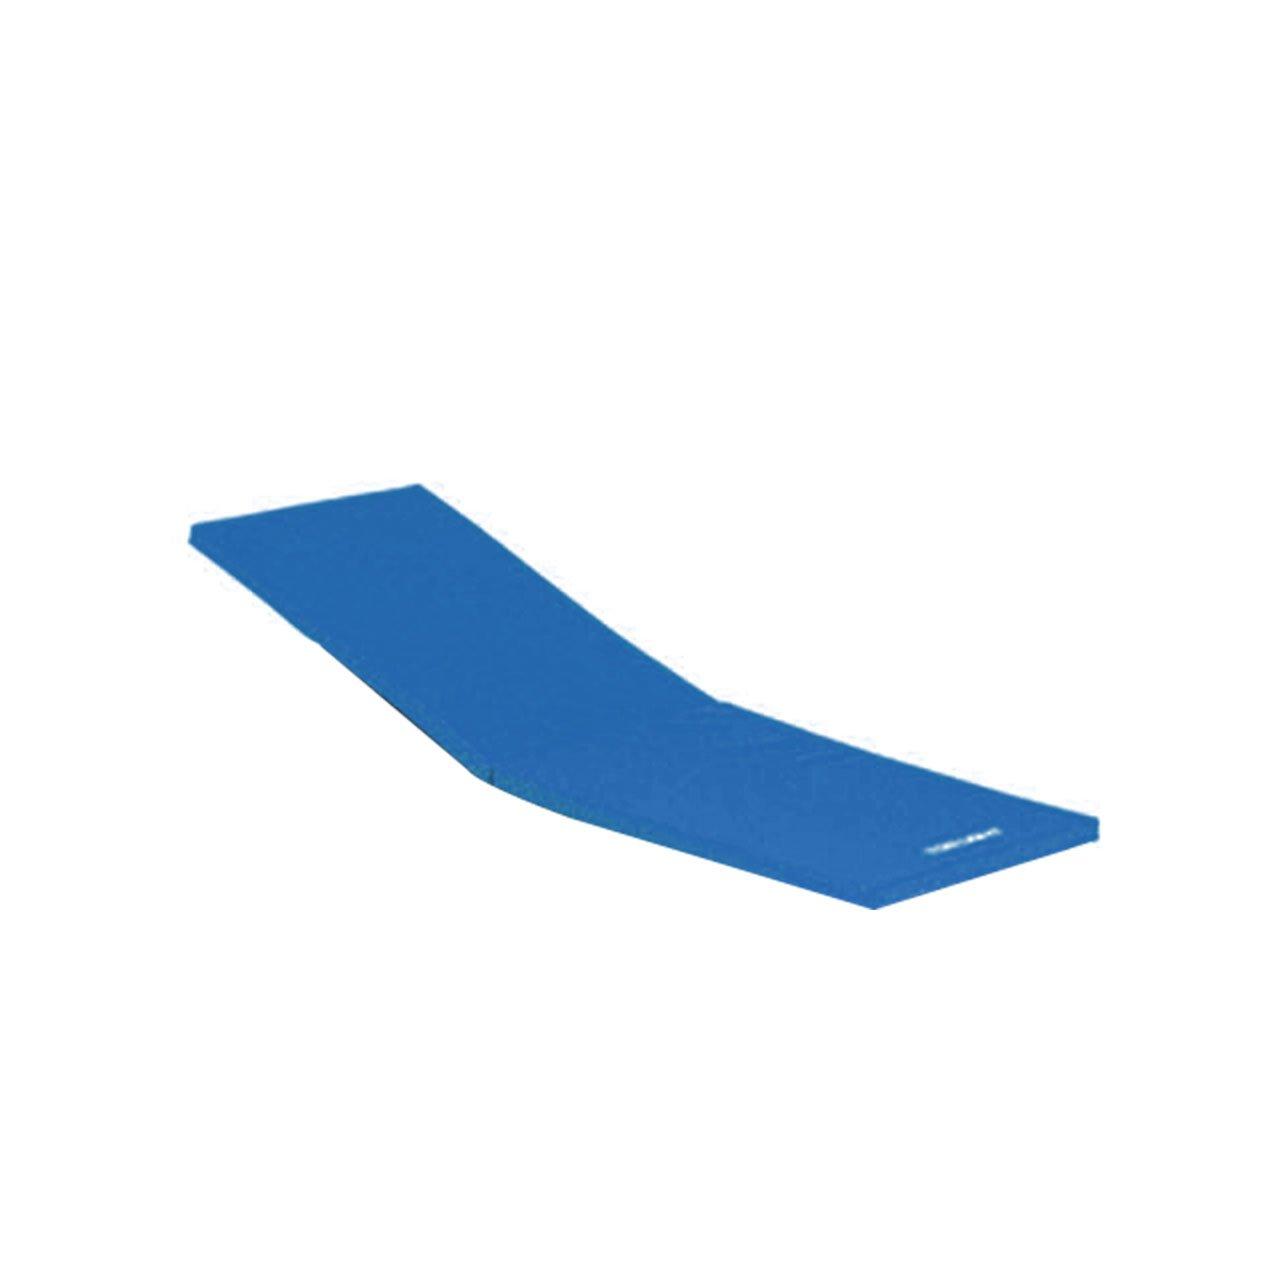 新しいブランド TOEI TOEI LIGHT(トーエイライト) 180cm フィットネスマット B01N80REB1 緑 緑|三つ折り式 緑 180cm, RUNTRE:580cd0f7 --- arianechie.dominiotemporario.com